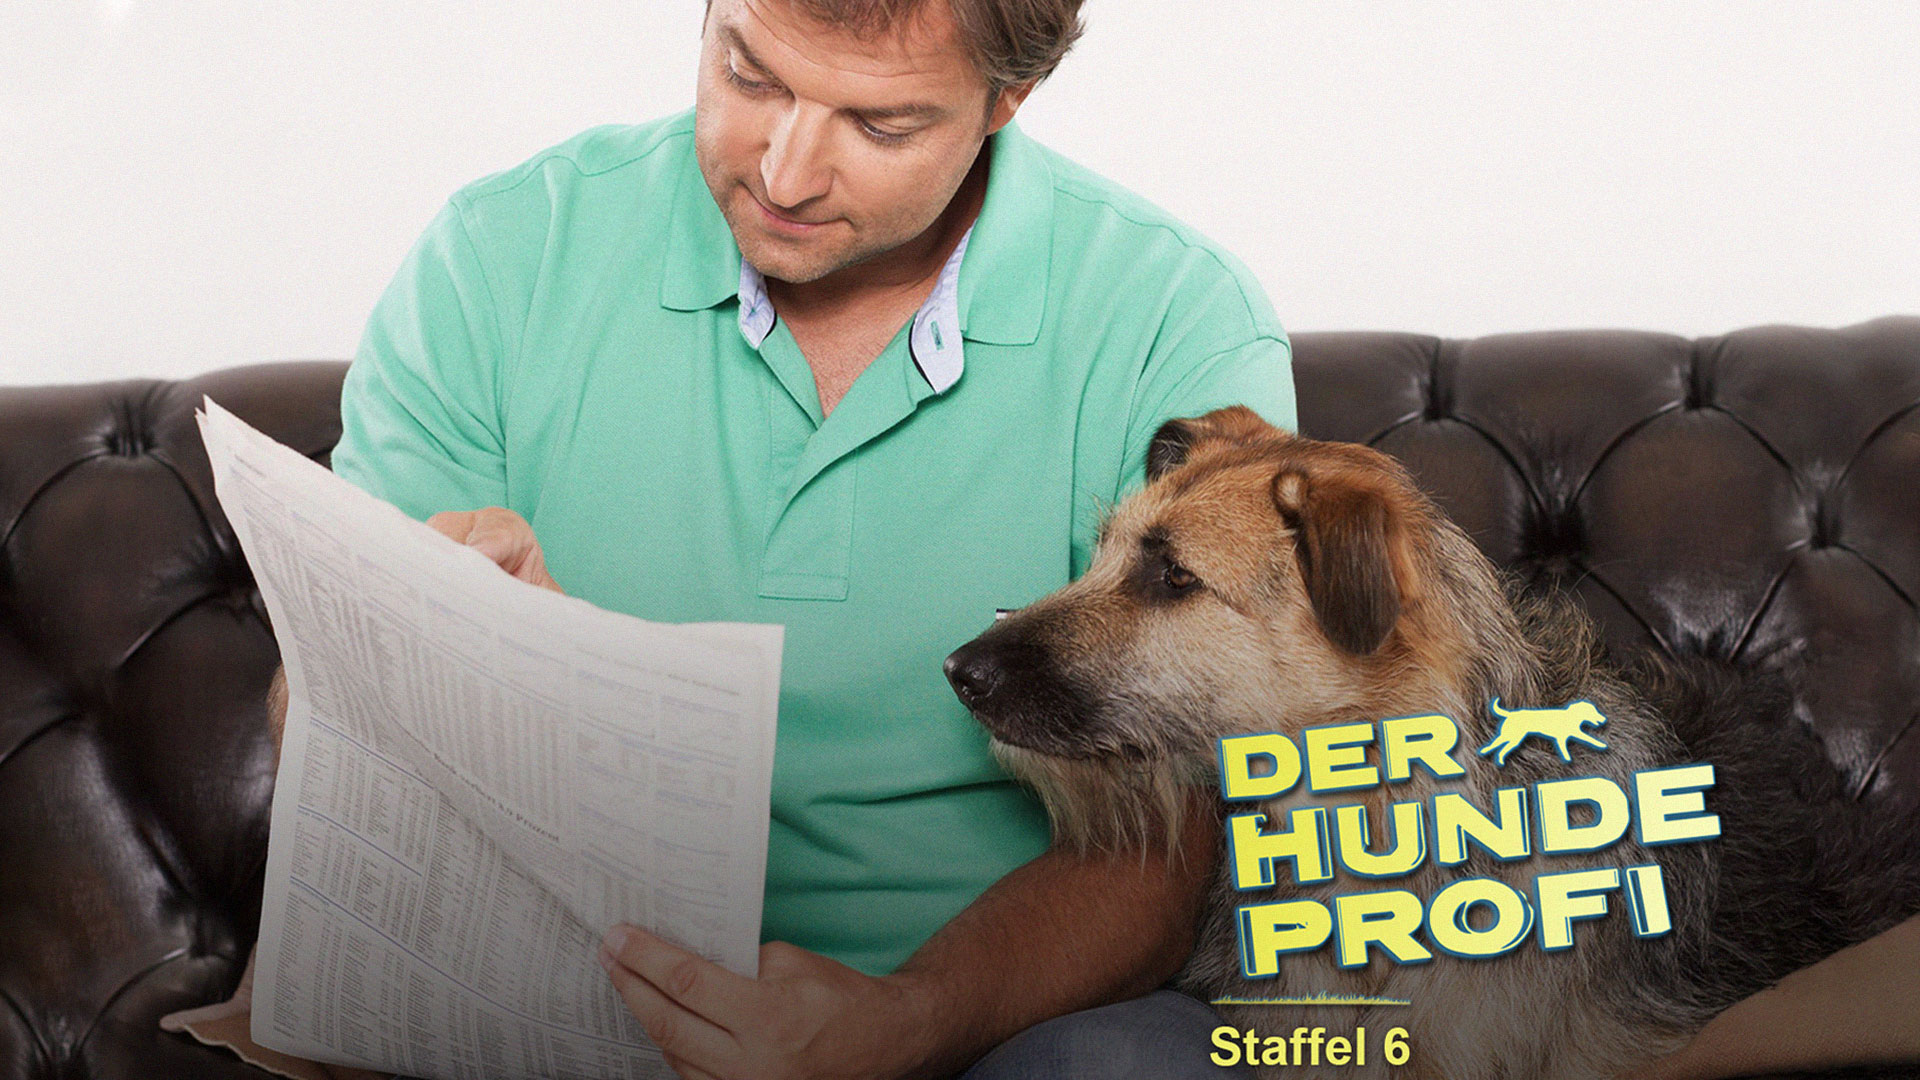 Der Hundeprofi S06e04 Fall Henry Und Fall Joel Fernsehserien De